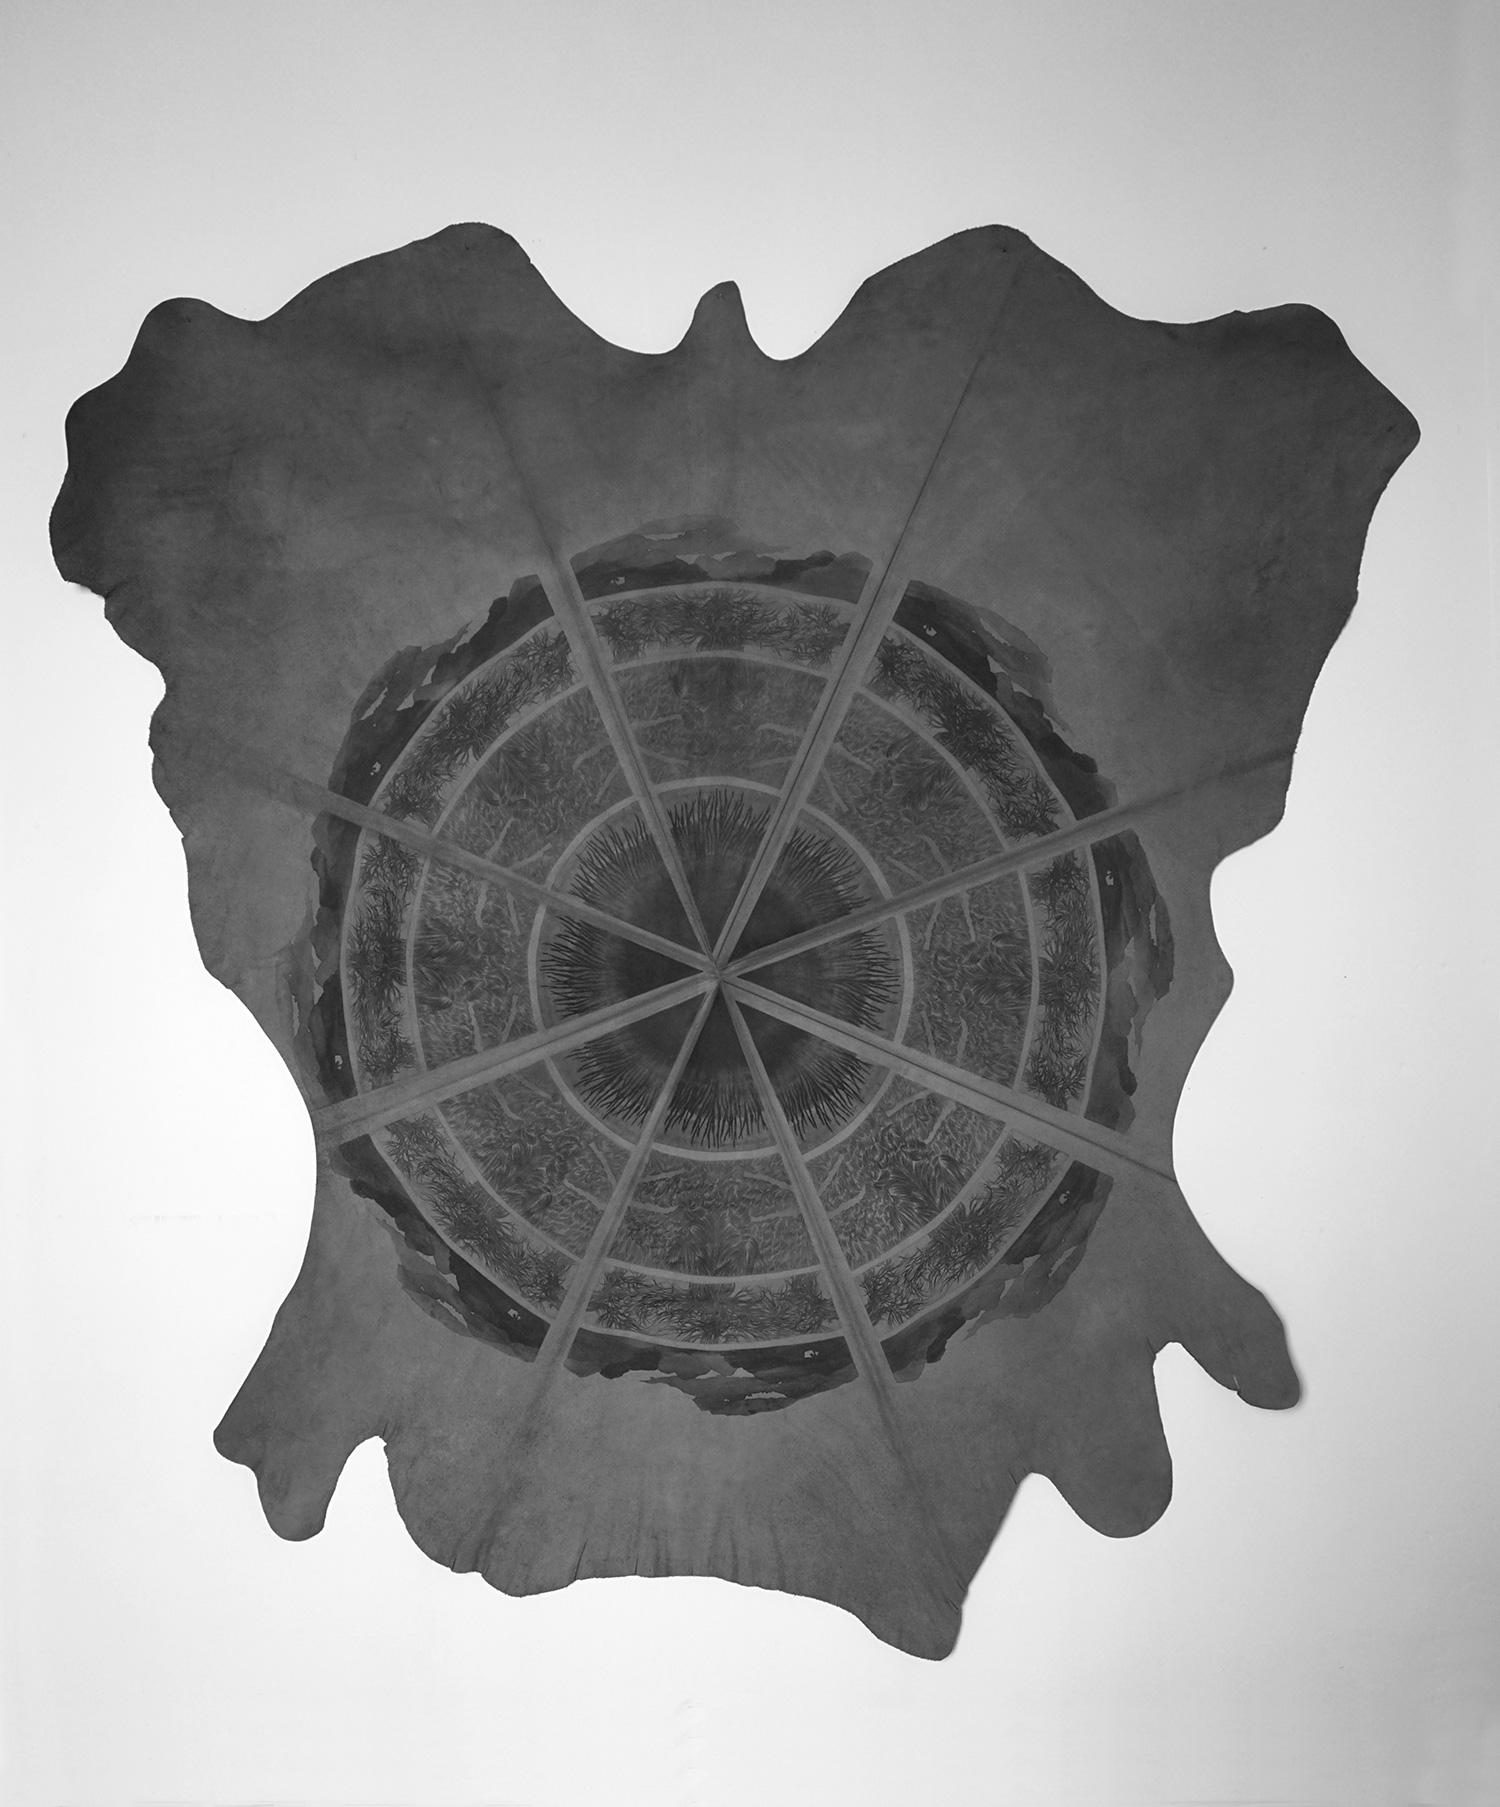 <i>sans titre</i>, 2017 - pointe sèche, vernis mou et aquatinte, ensemble de 4 plaques imprimées et répétées sur peau de vachette, 190x170cm